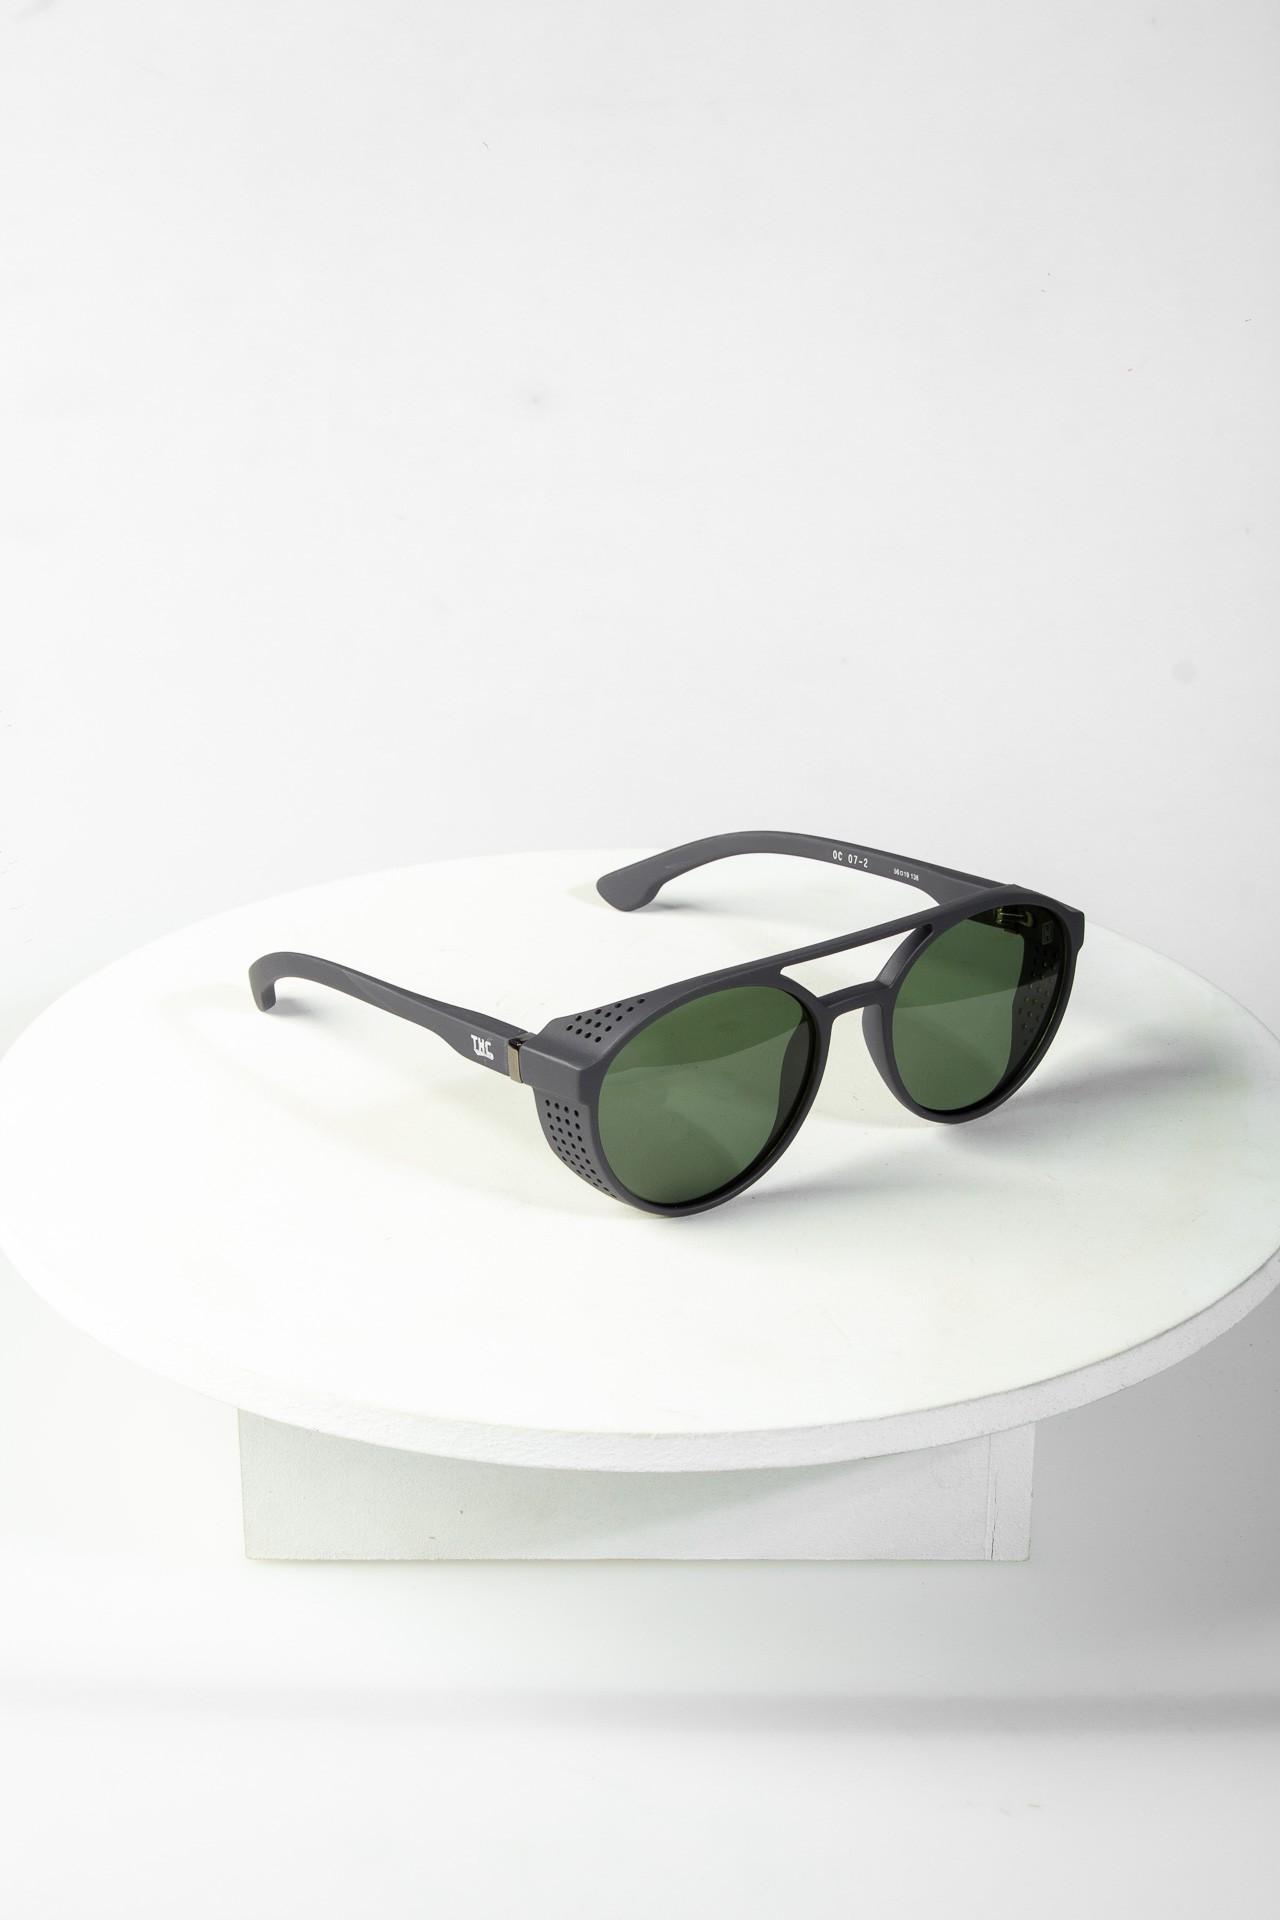 Óculos de Sol TXC 8111 G15 7.2